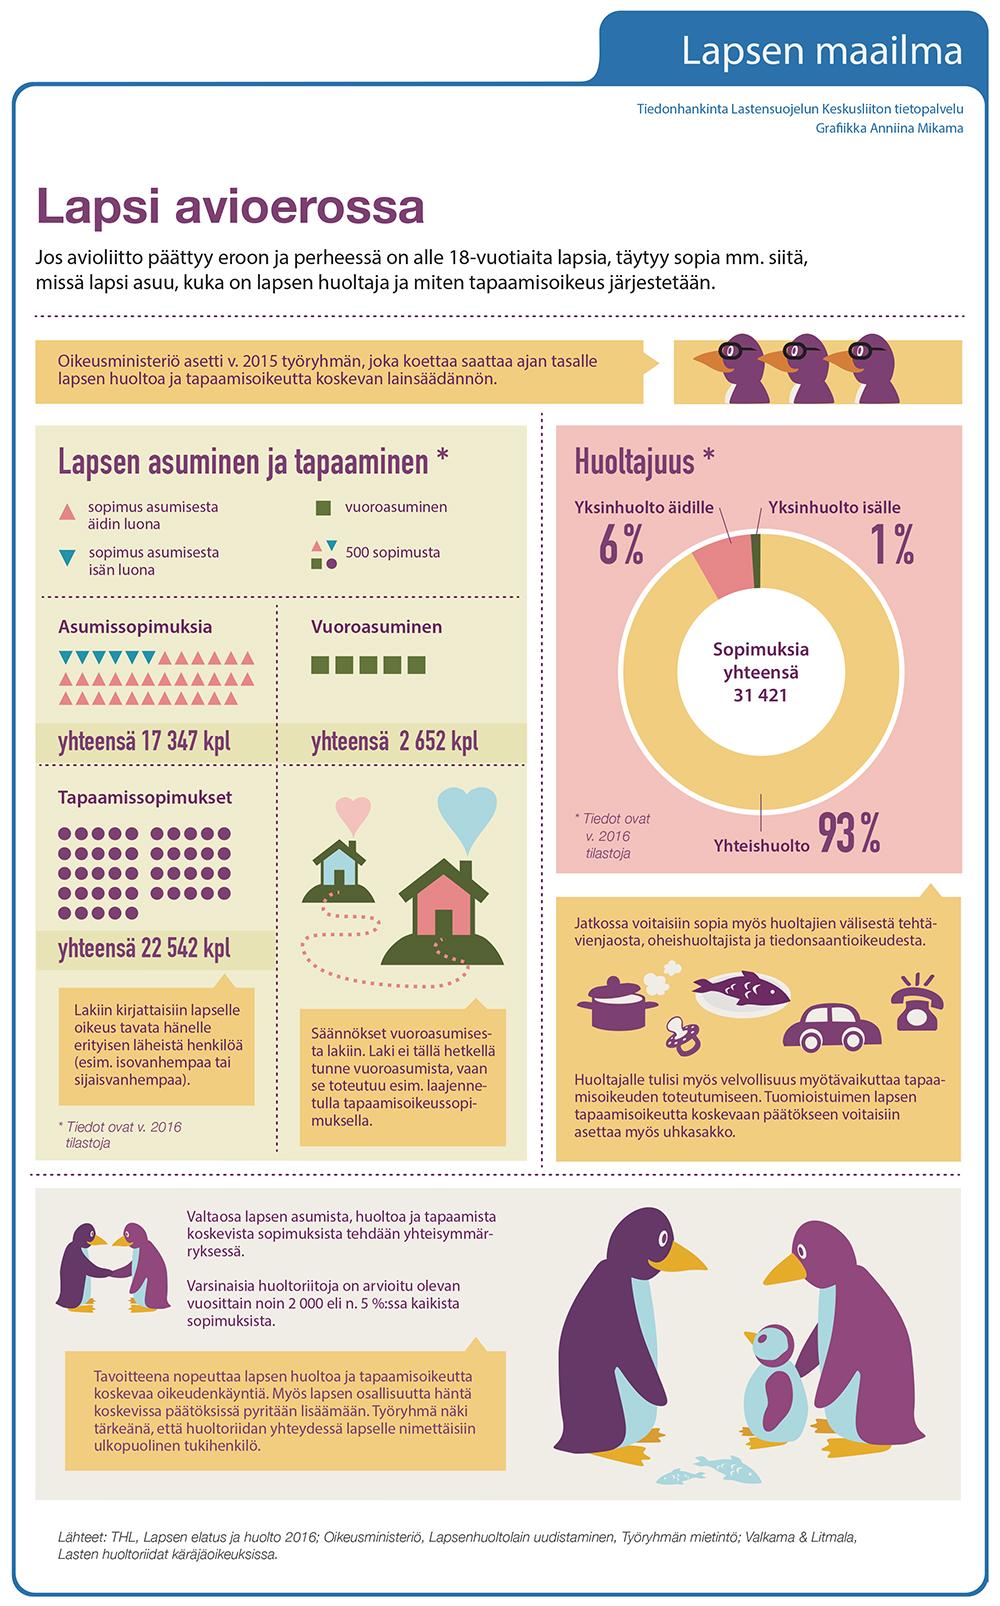 Lapsi avioerossa - infografiikka